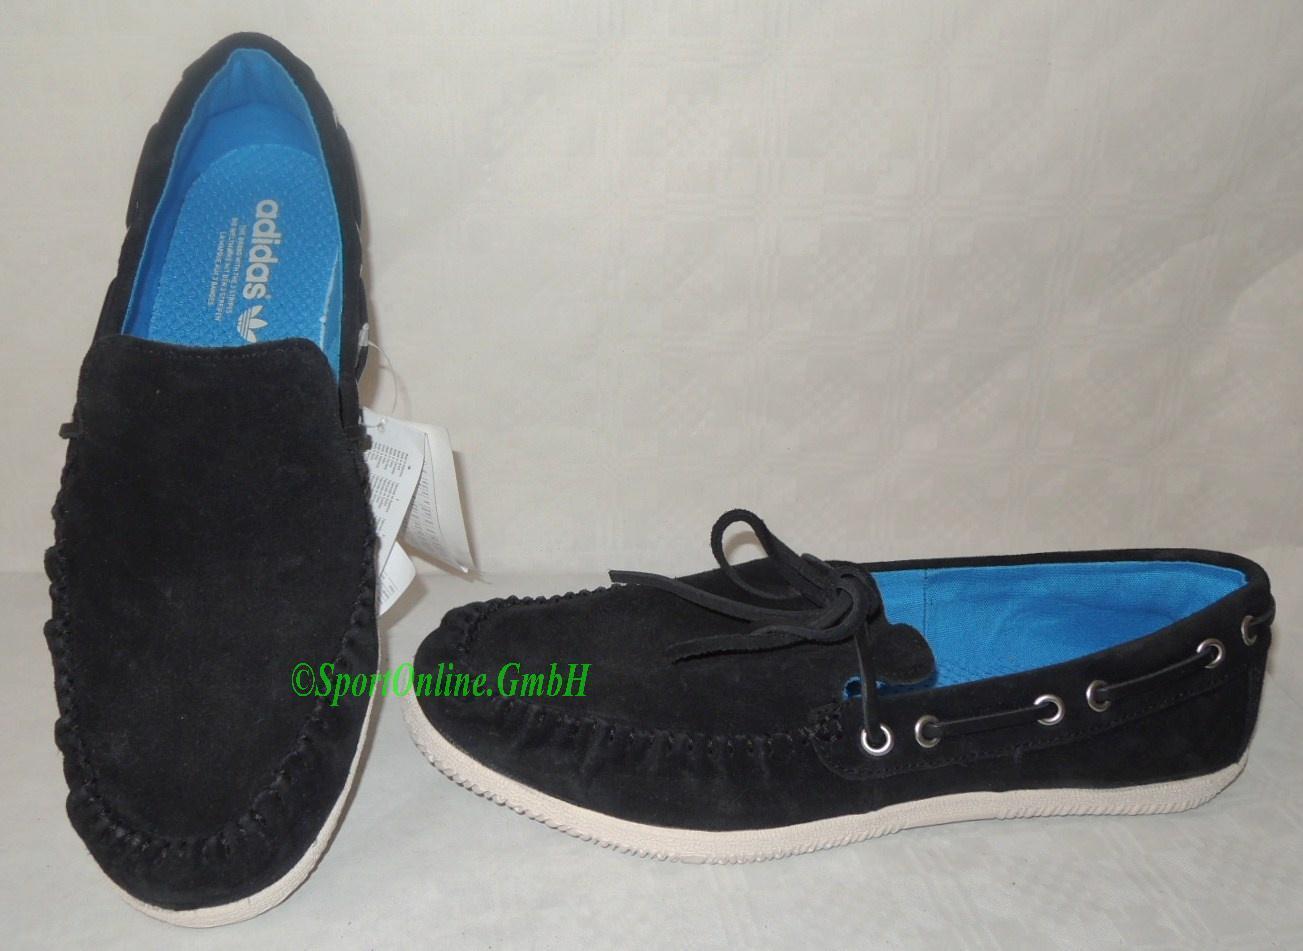 NEU adidas Toe Touch Loafer Gr. 44 Schuhe Slipper Sneaker ORIGINALS Q20370